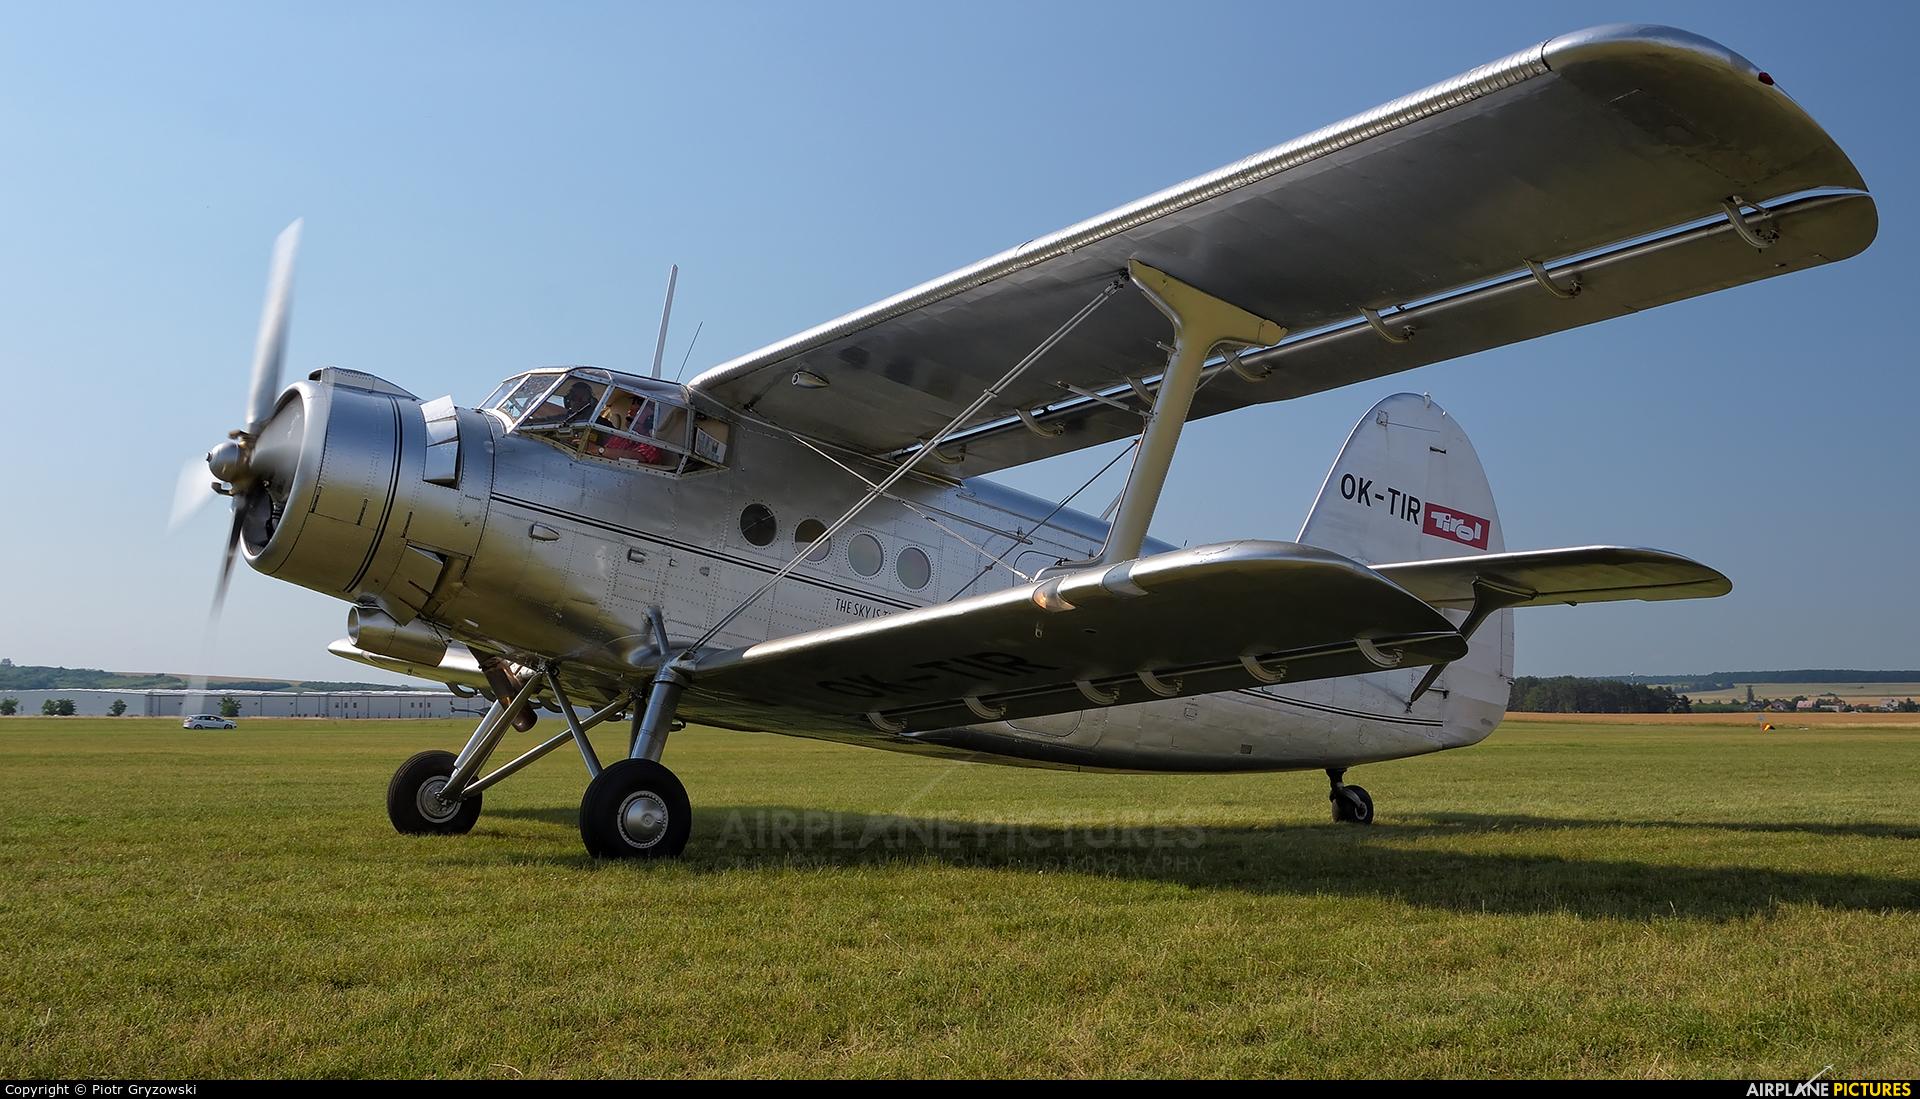 Tiroler Adler OK-TIR aircraft at Mladá Boleslav